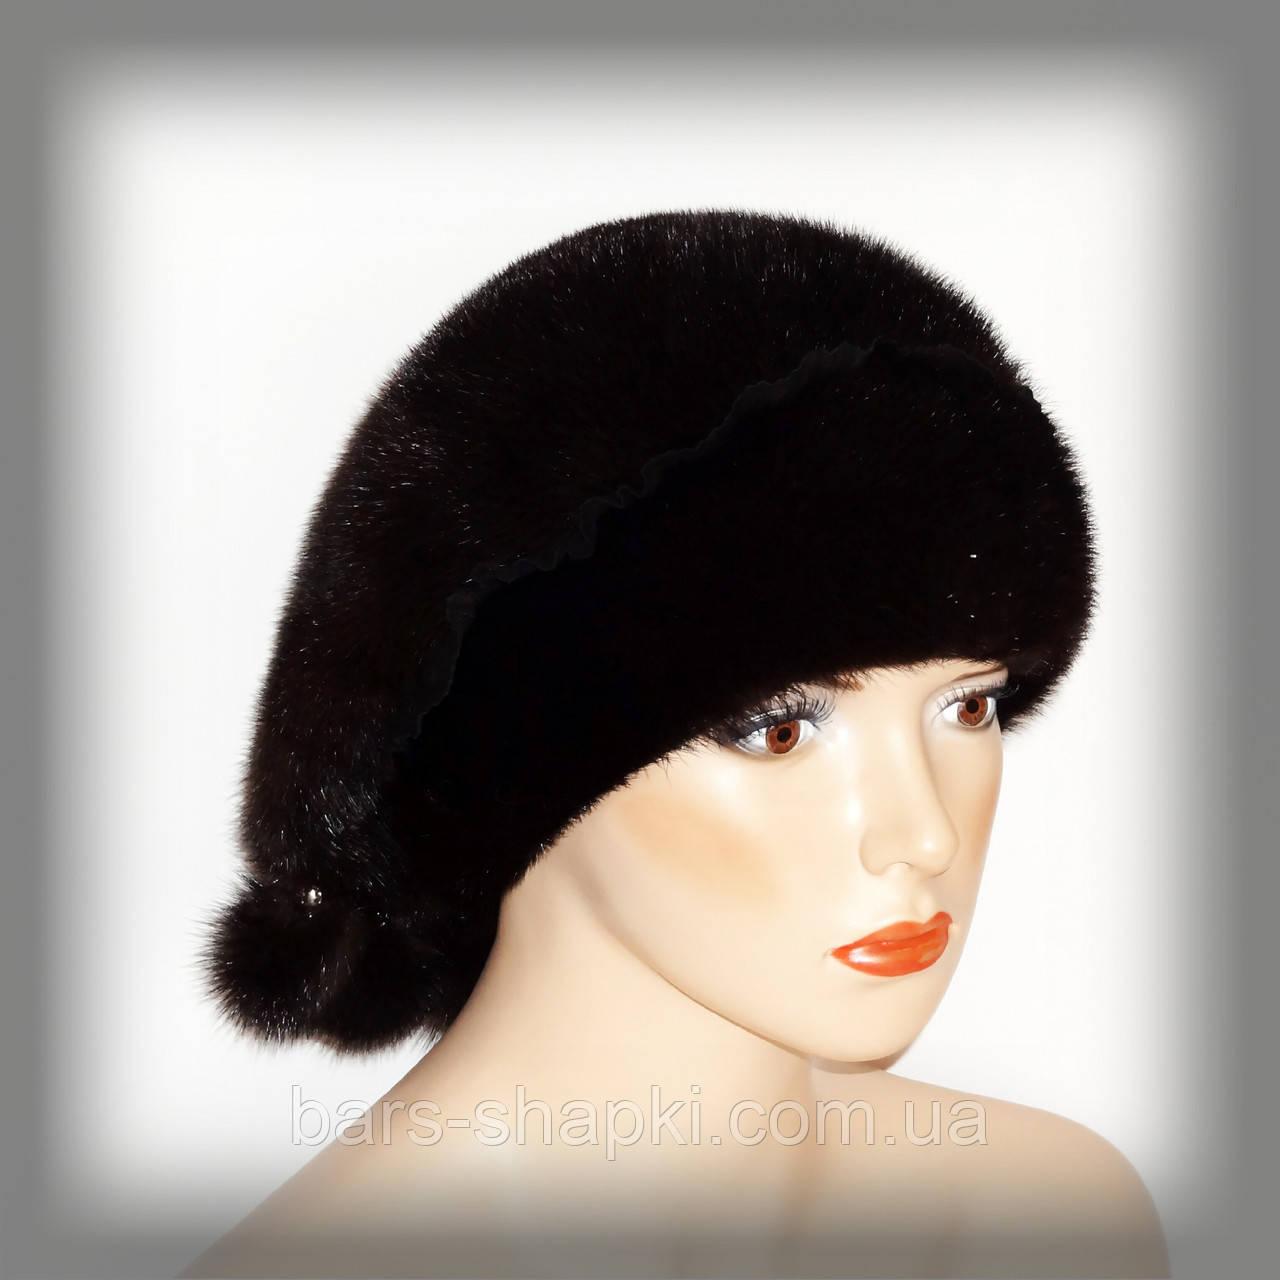 Зимняя женская шапка-косынка из норки